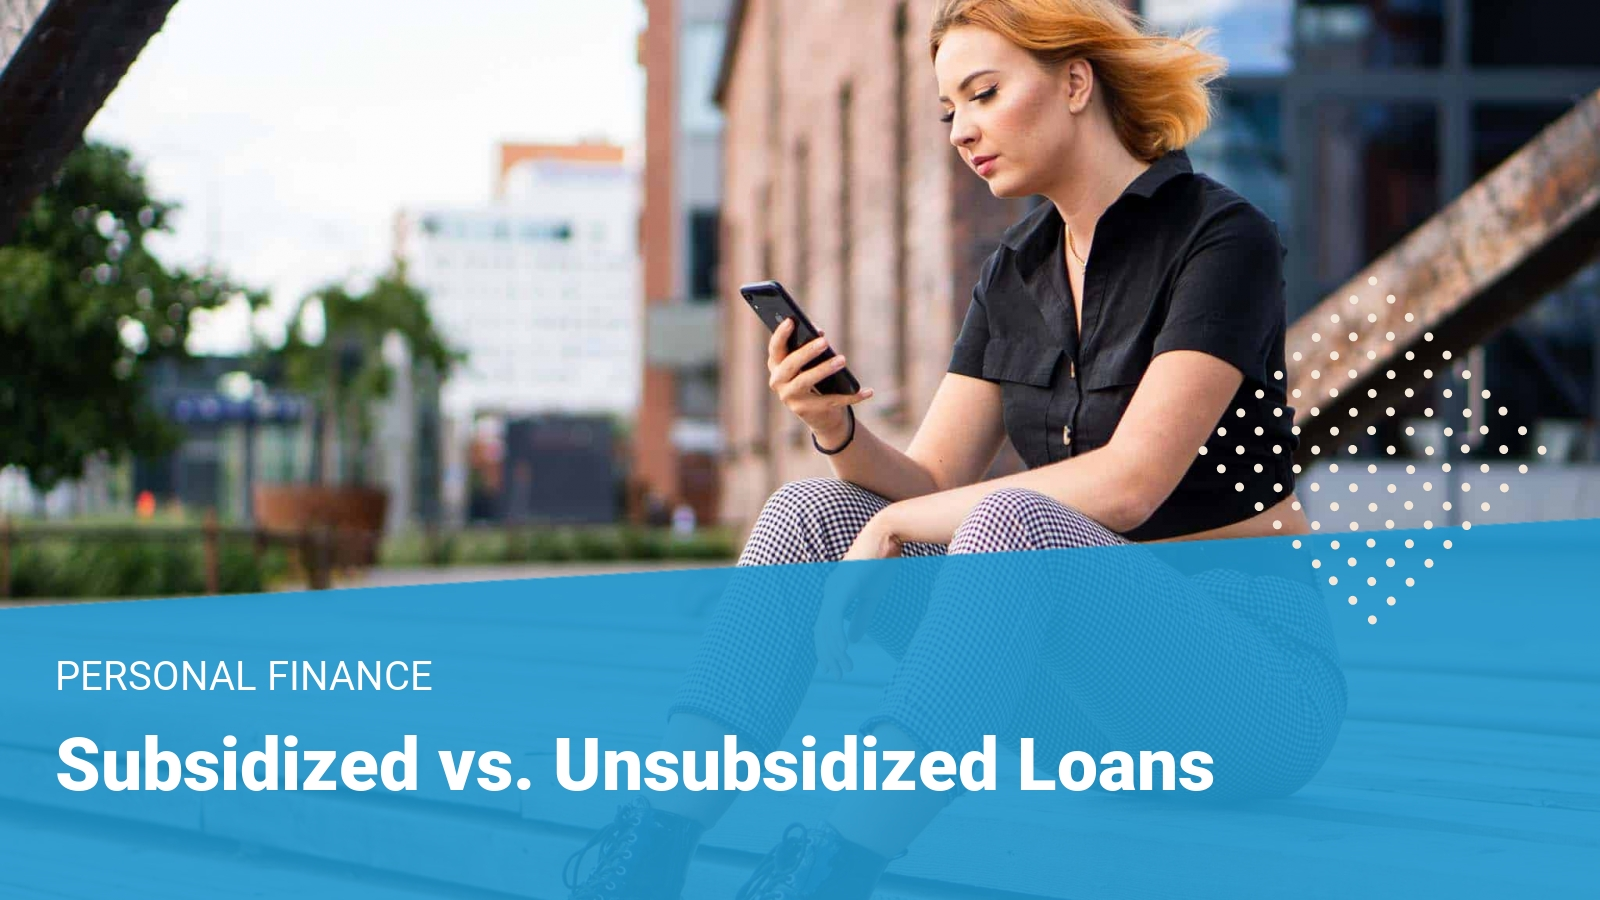 Subsidized vs Unsubsidized Loans